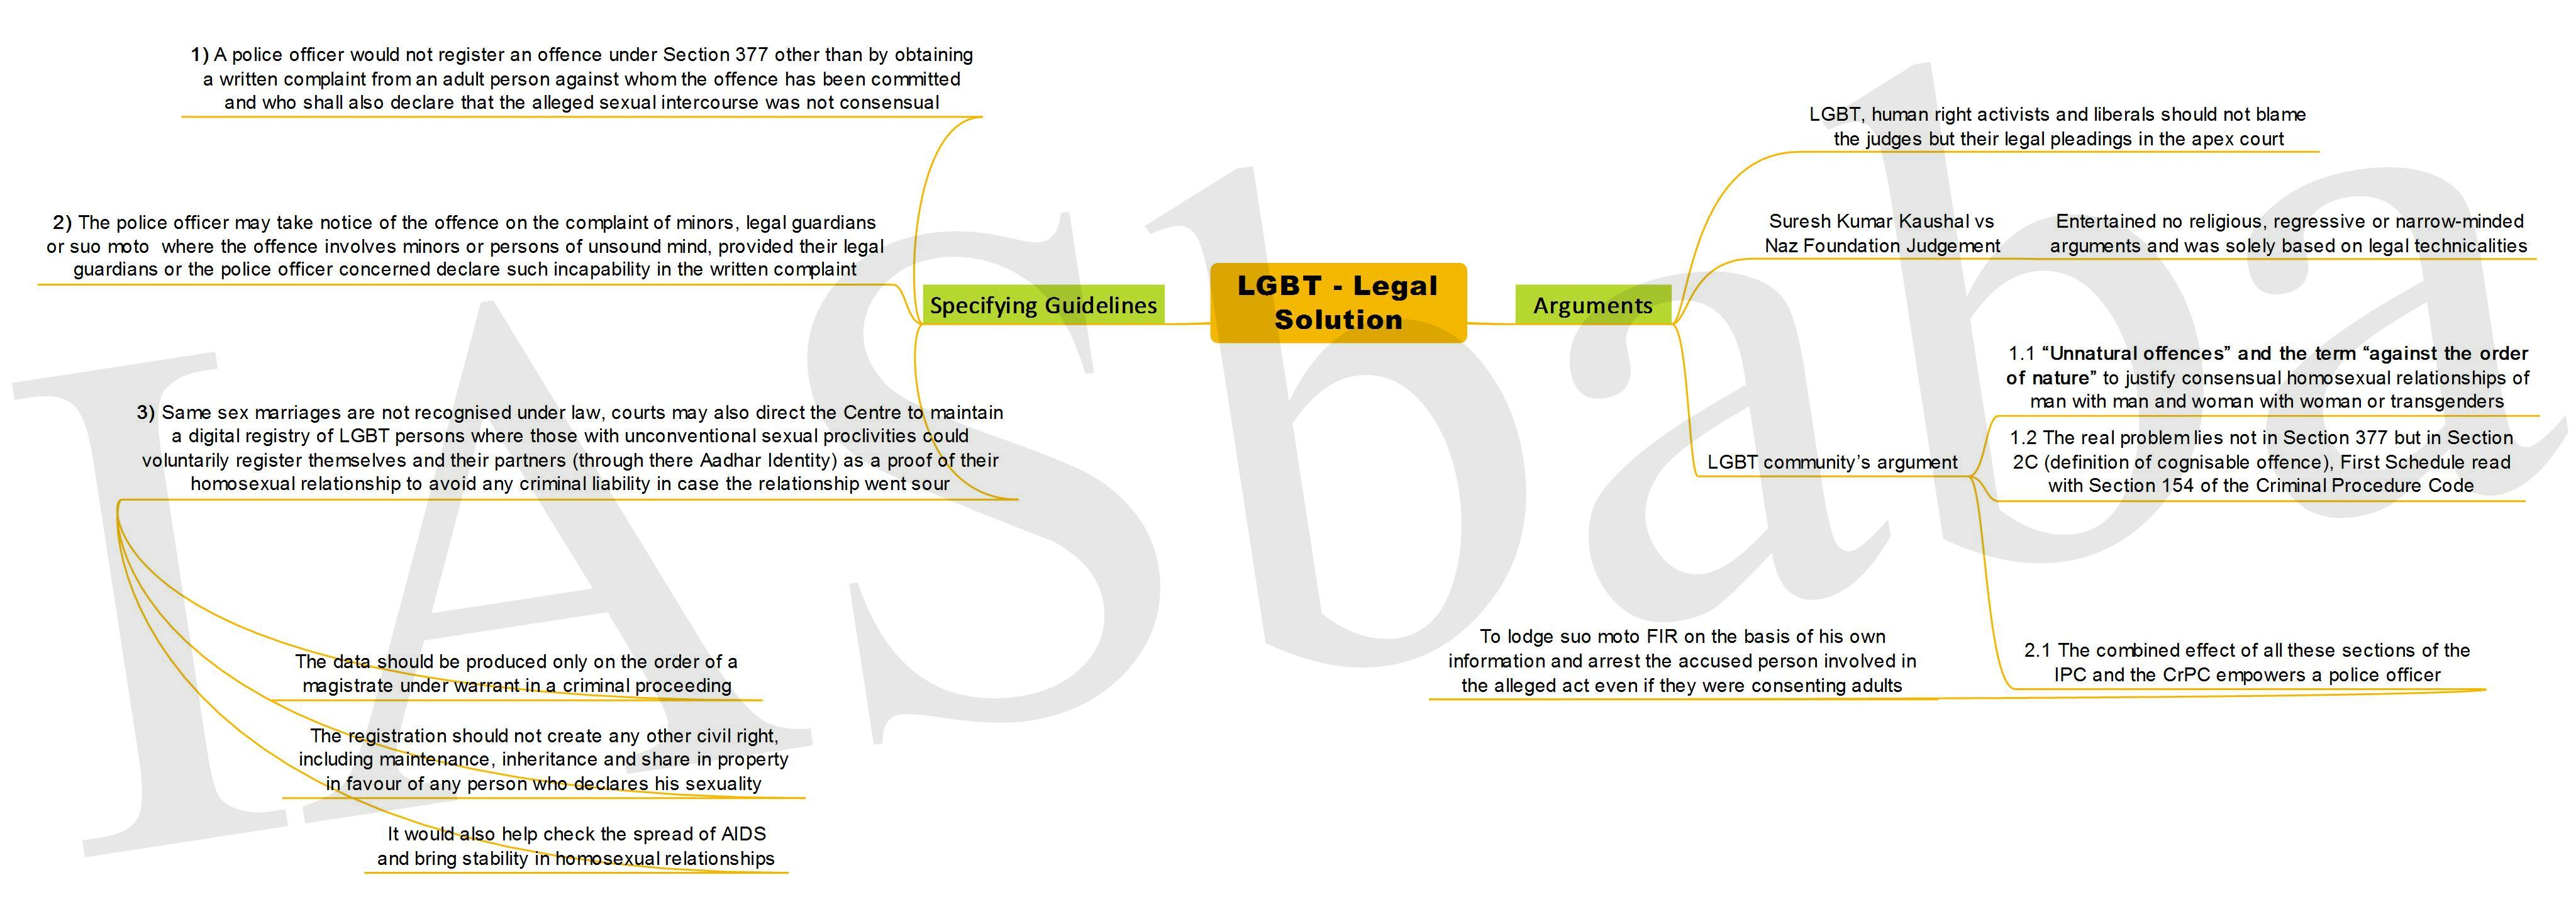 LGBT Legal Solution-IASbaba